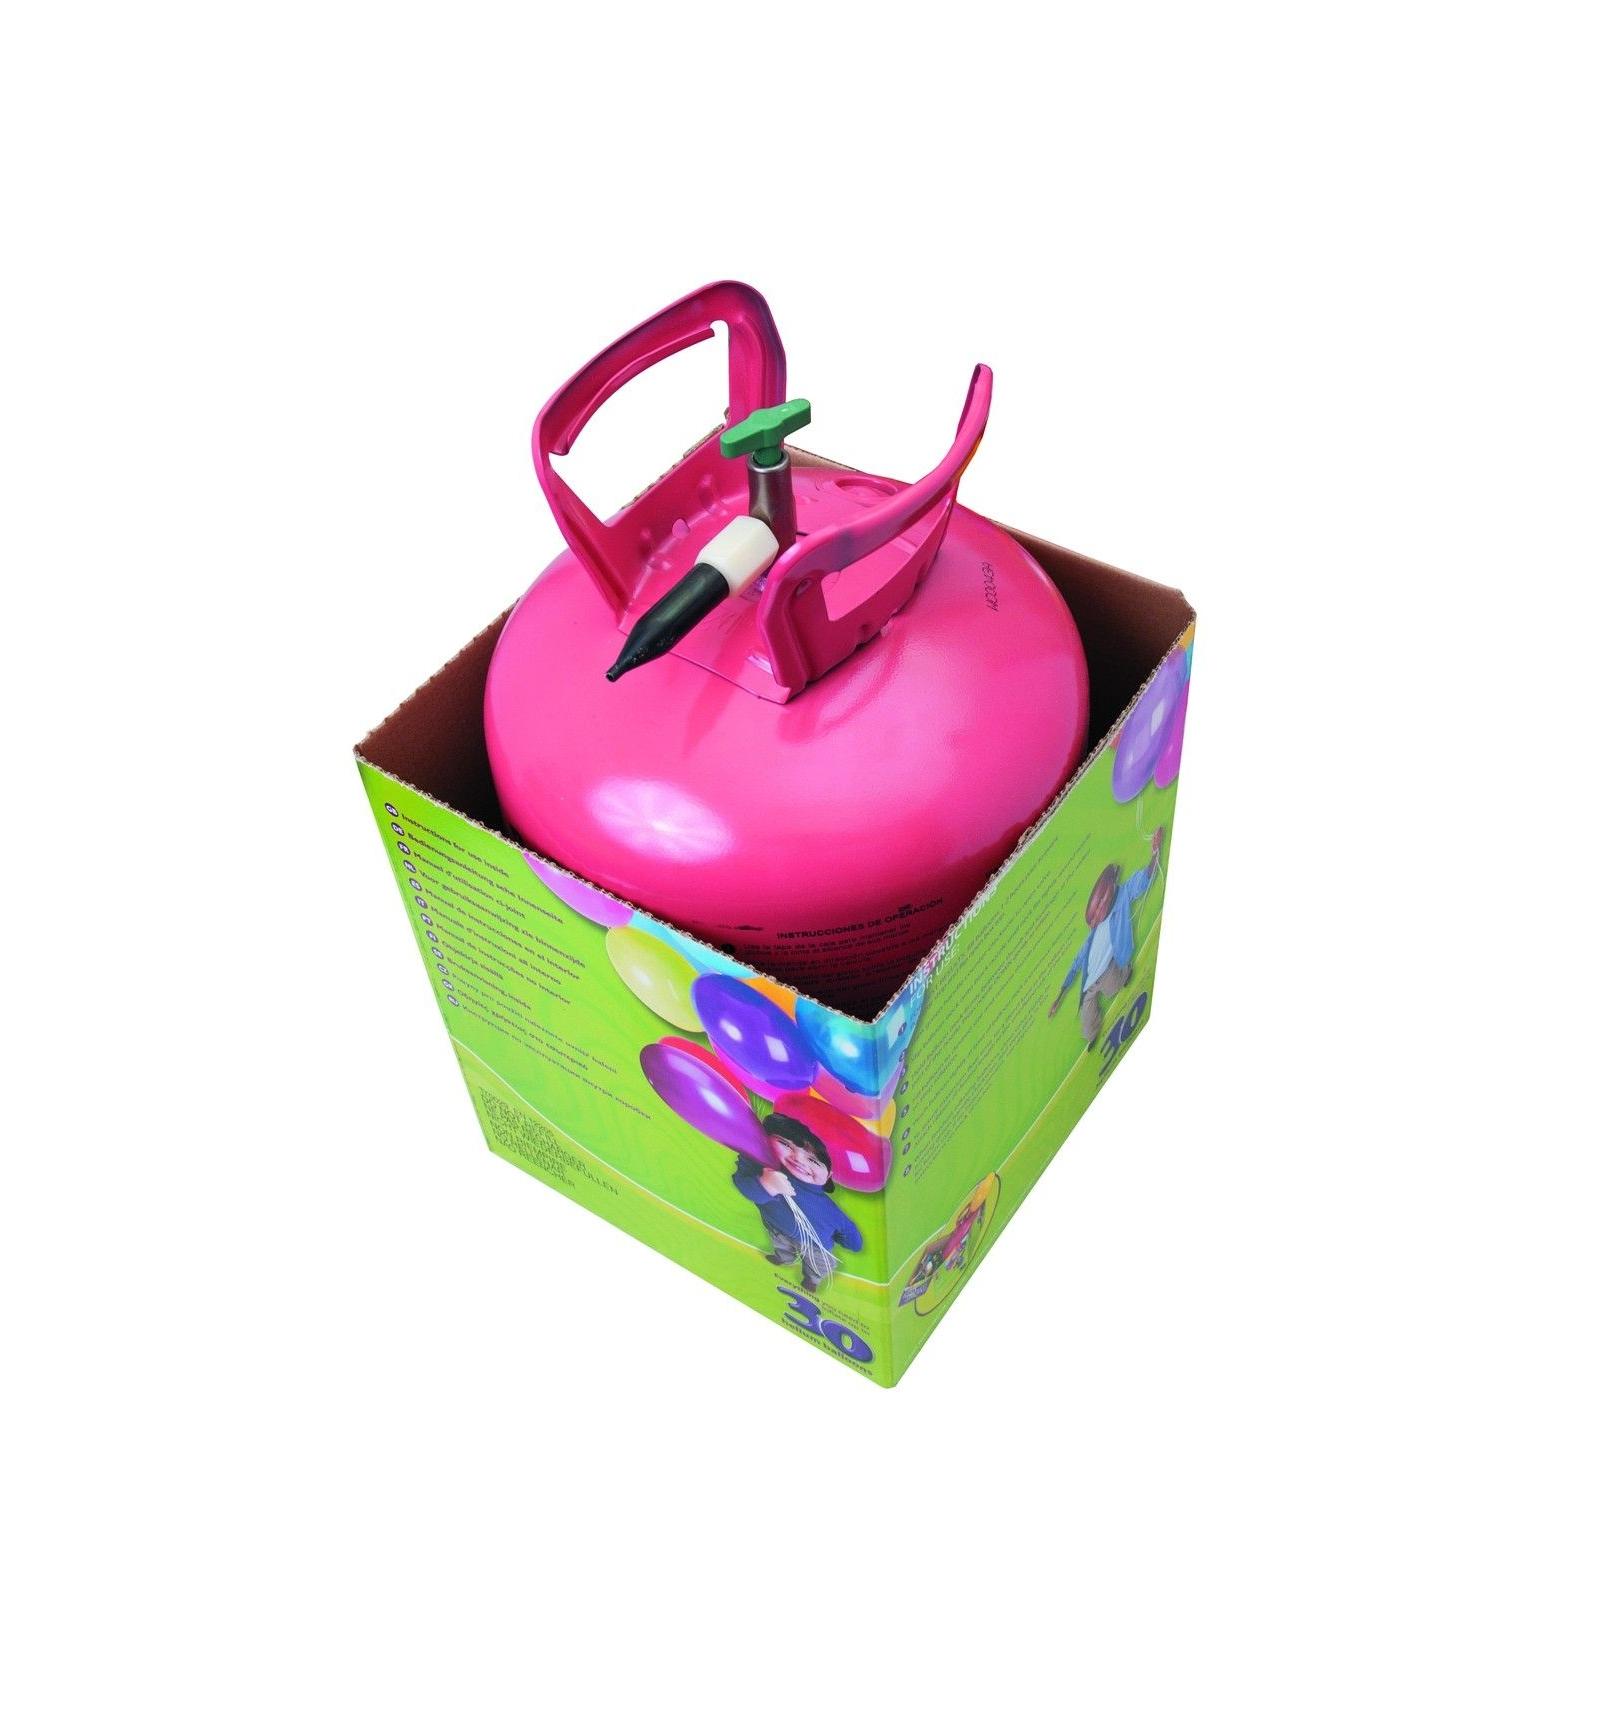 Bombona helio para globos tienda de disfraces online - Bombona de helio para globos ...